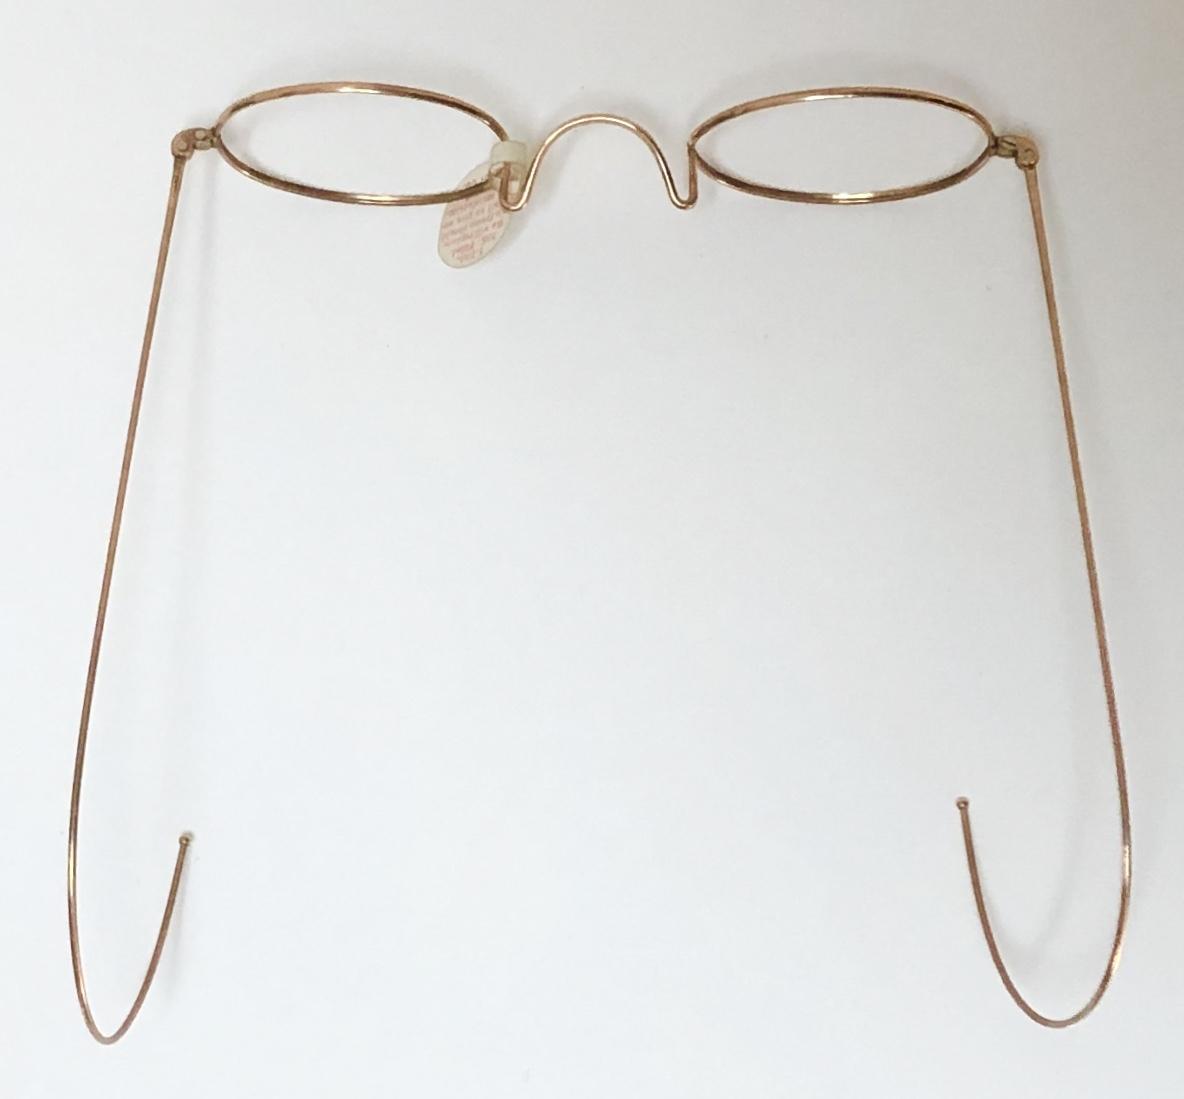 新品・AO10K金張 純正メガネ 1870~1910年代頃 American Optical アメリカンオプティカル 米国ブランド ビンテージ / ヴィンテージ_画像8